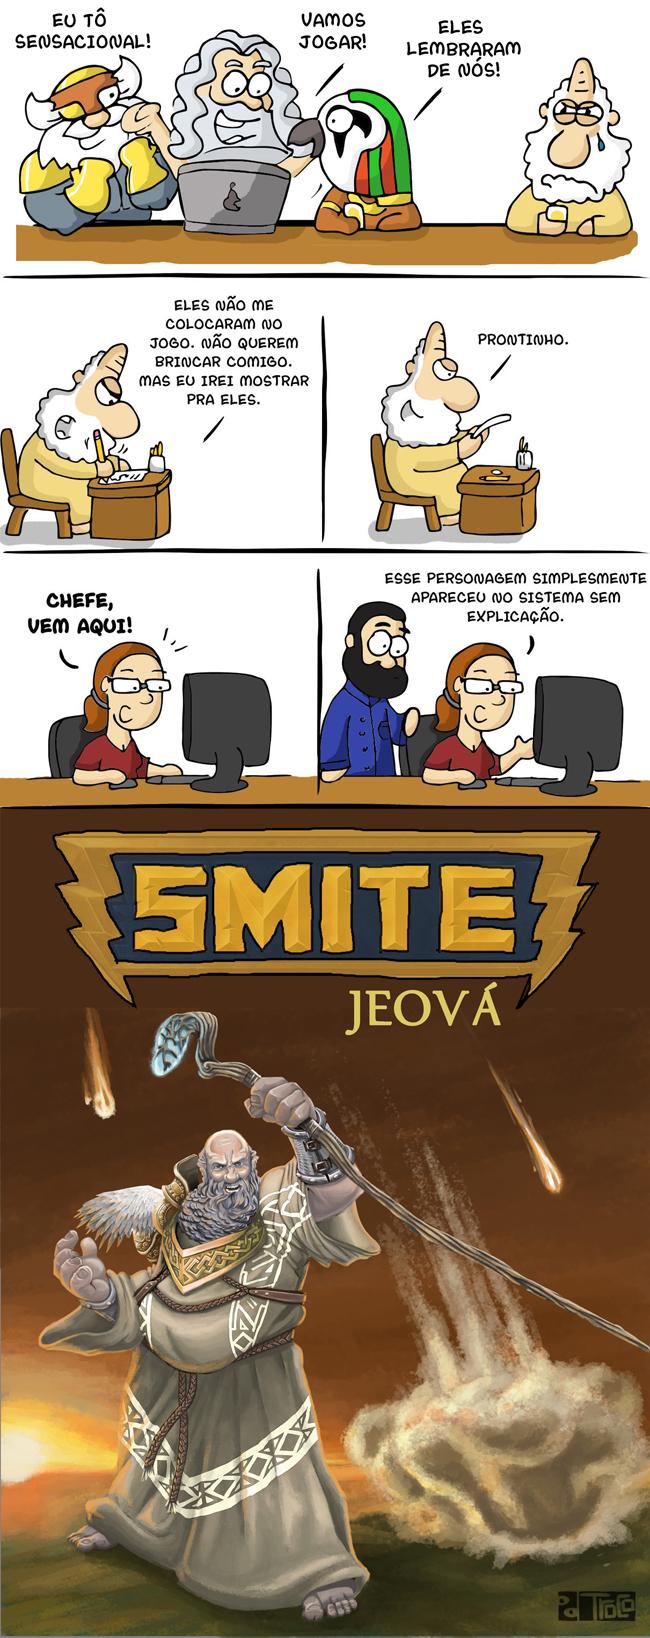 SMITE 4 – A versão de DEUS